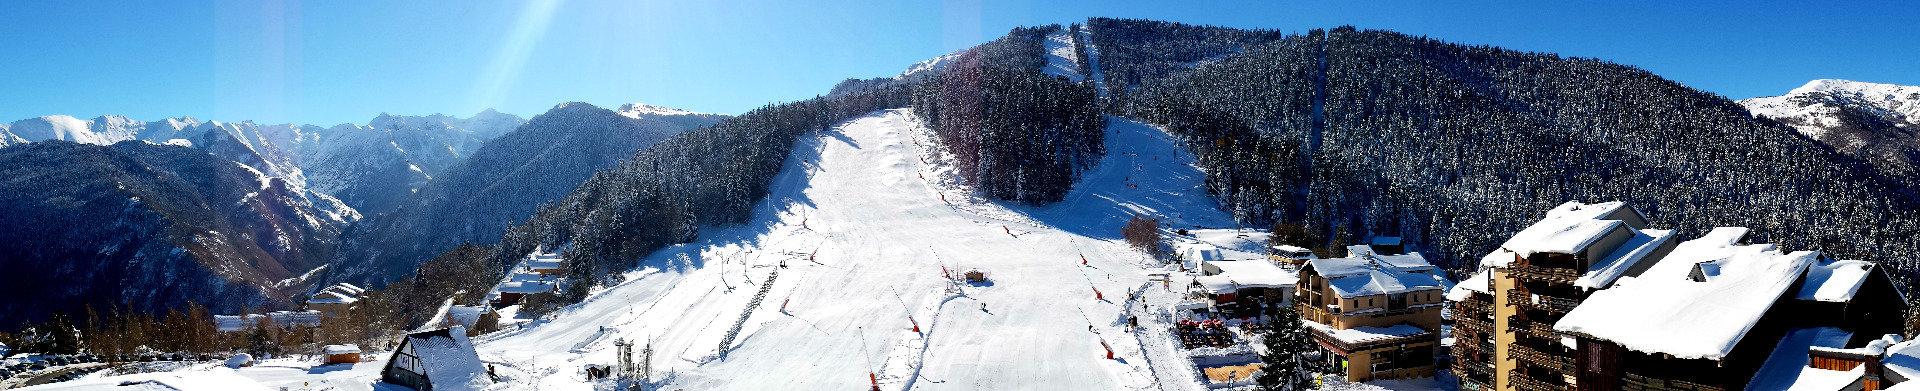 Belle journée de ski en perspective à Ax 3 Domaines - © Station d'Ax 3 Domaines